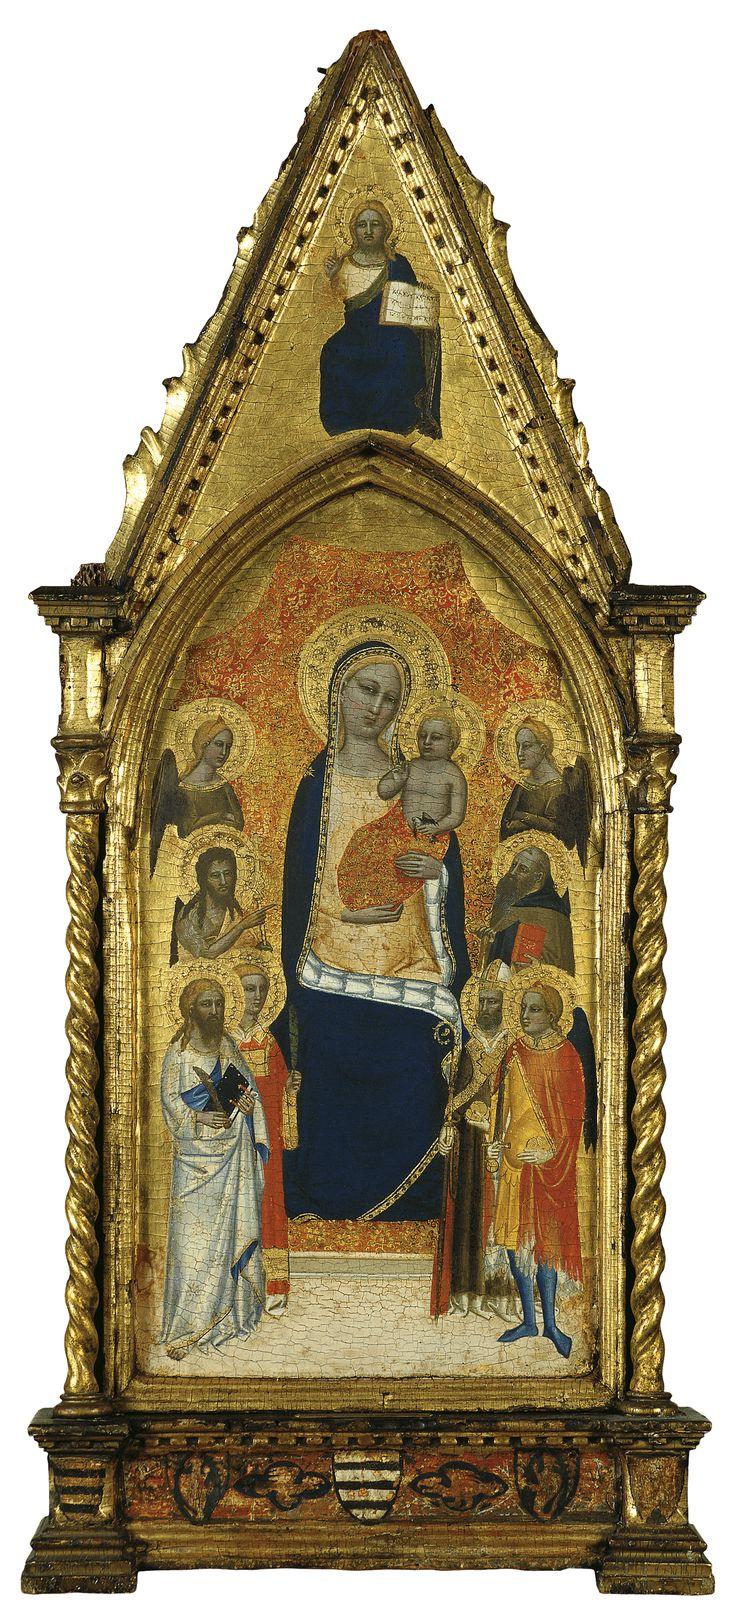 The Virgin and Child between Angels and six Saints / La Virgen con el Niño entre ángeles y seis santos // ca. 1362 - 1367 // Niccolò di Tommaso // © Thyssen-Bornemisza Museum